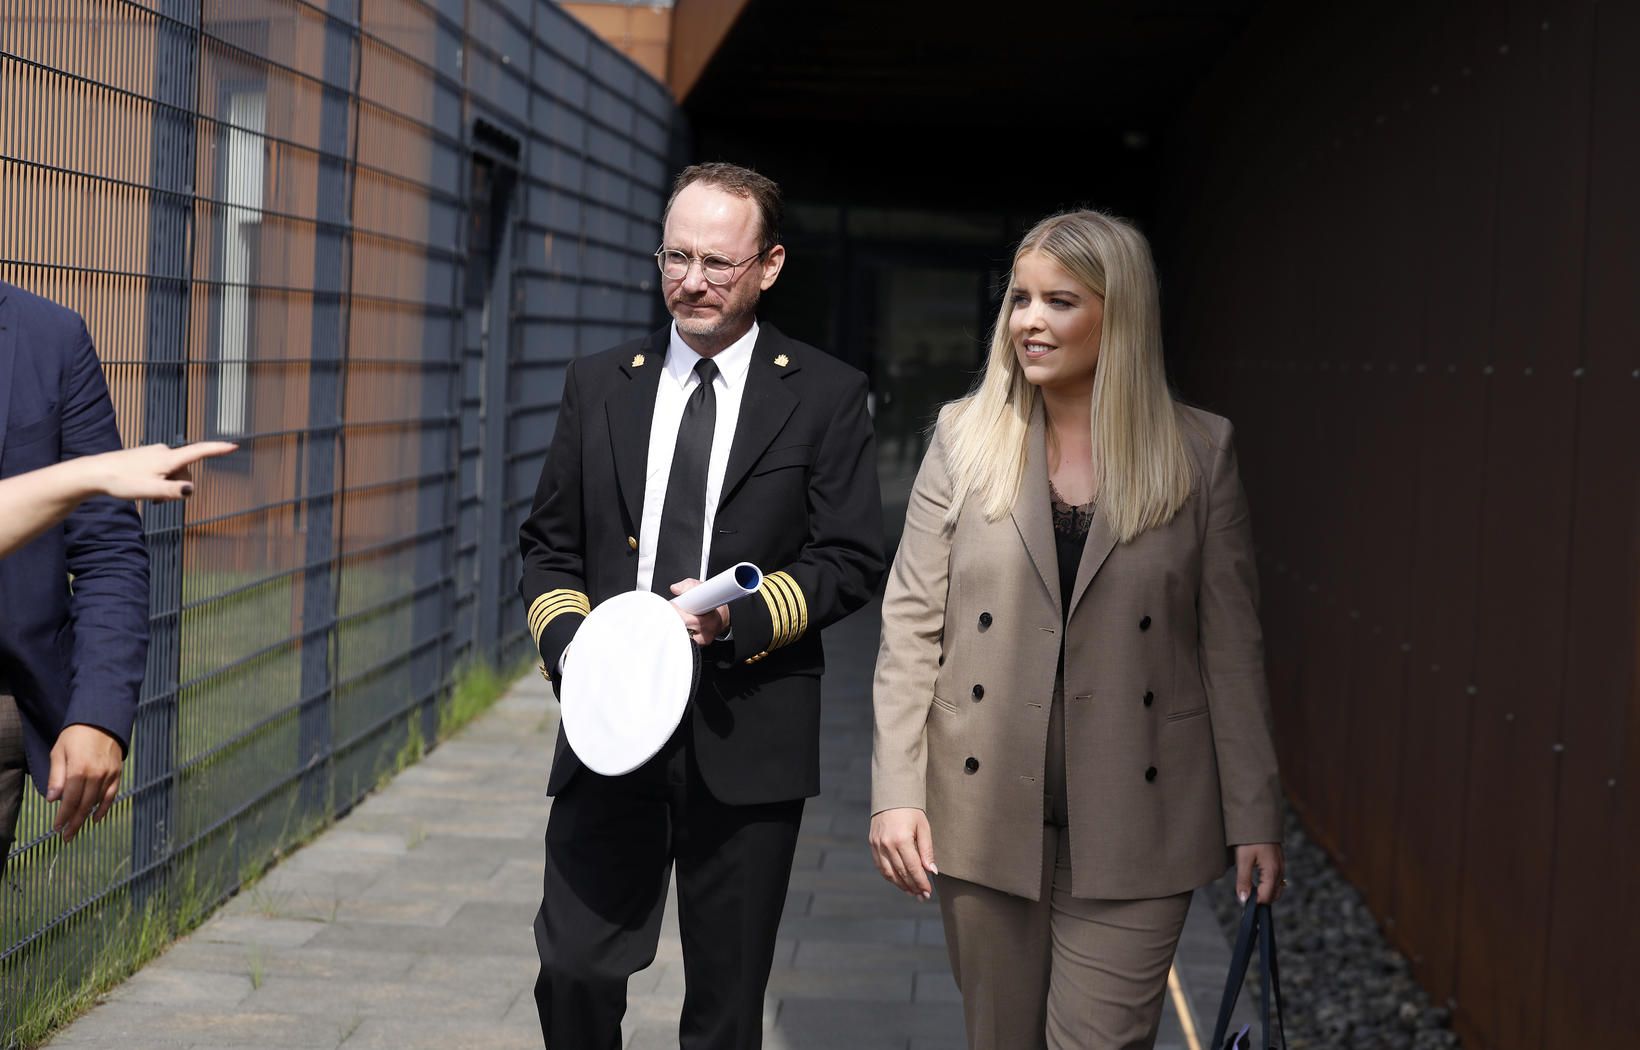 Áslaug Arna Sigurbjörnsdóttir dómsmálaráðherra og Páll Winkel fangelsismálastjóri að loknum …